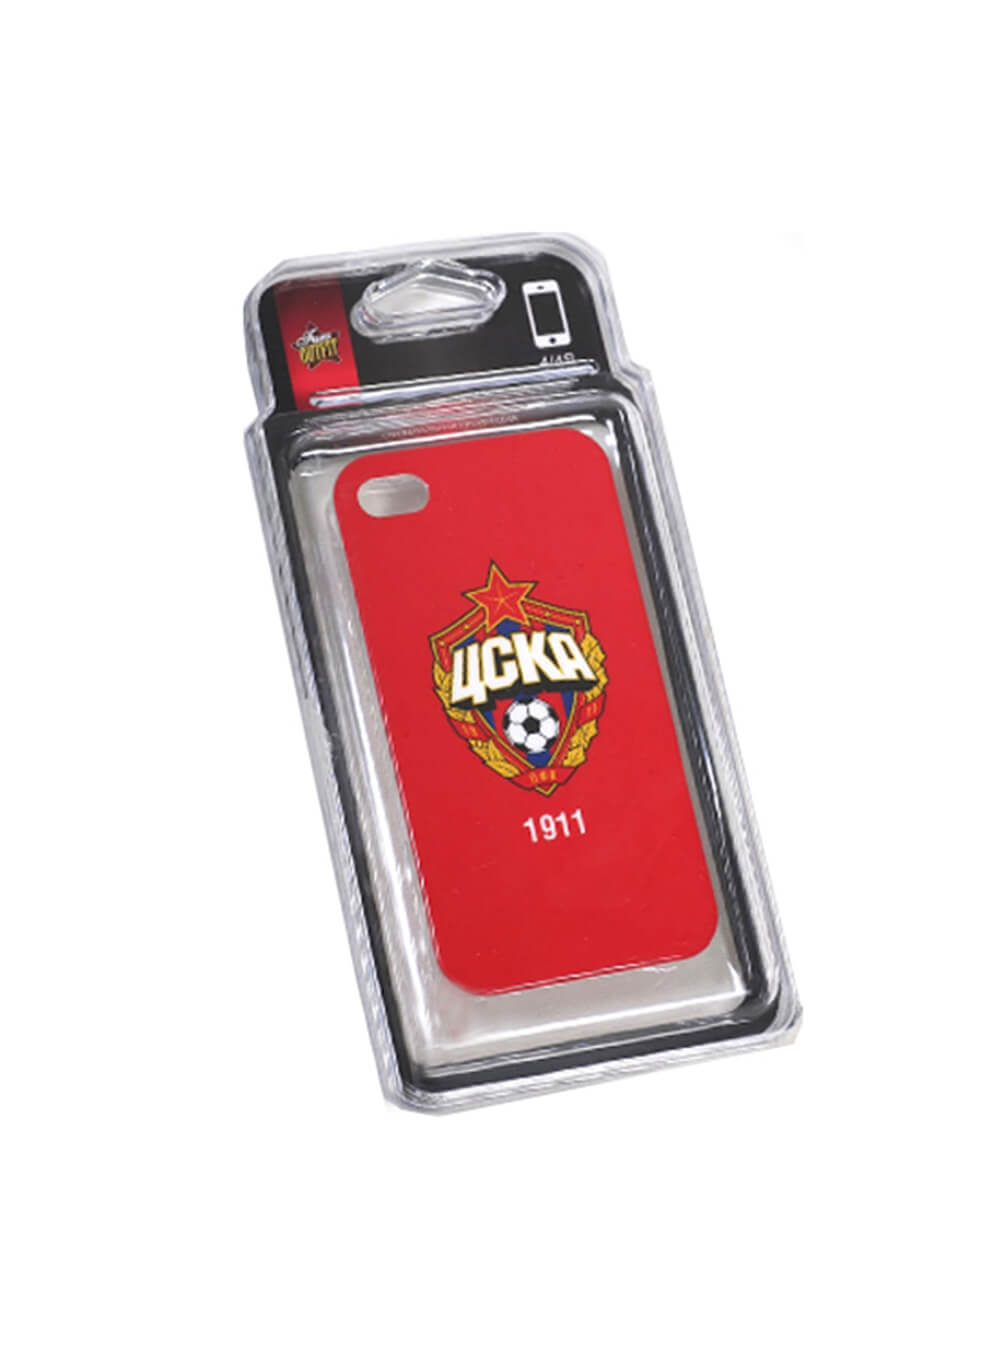 Клип-кейс для iPhone 4/4S красныйВсе для мобильного телефона<br>Клип-кейс для iPhone 4/4S красный<br>